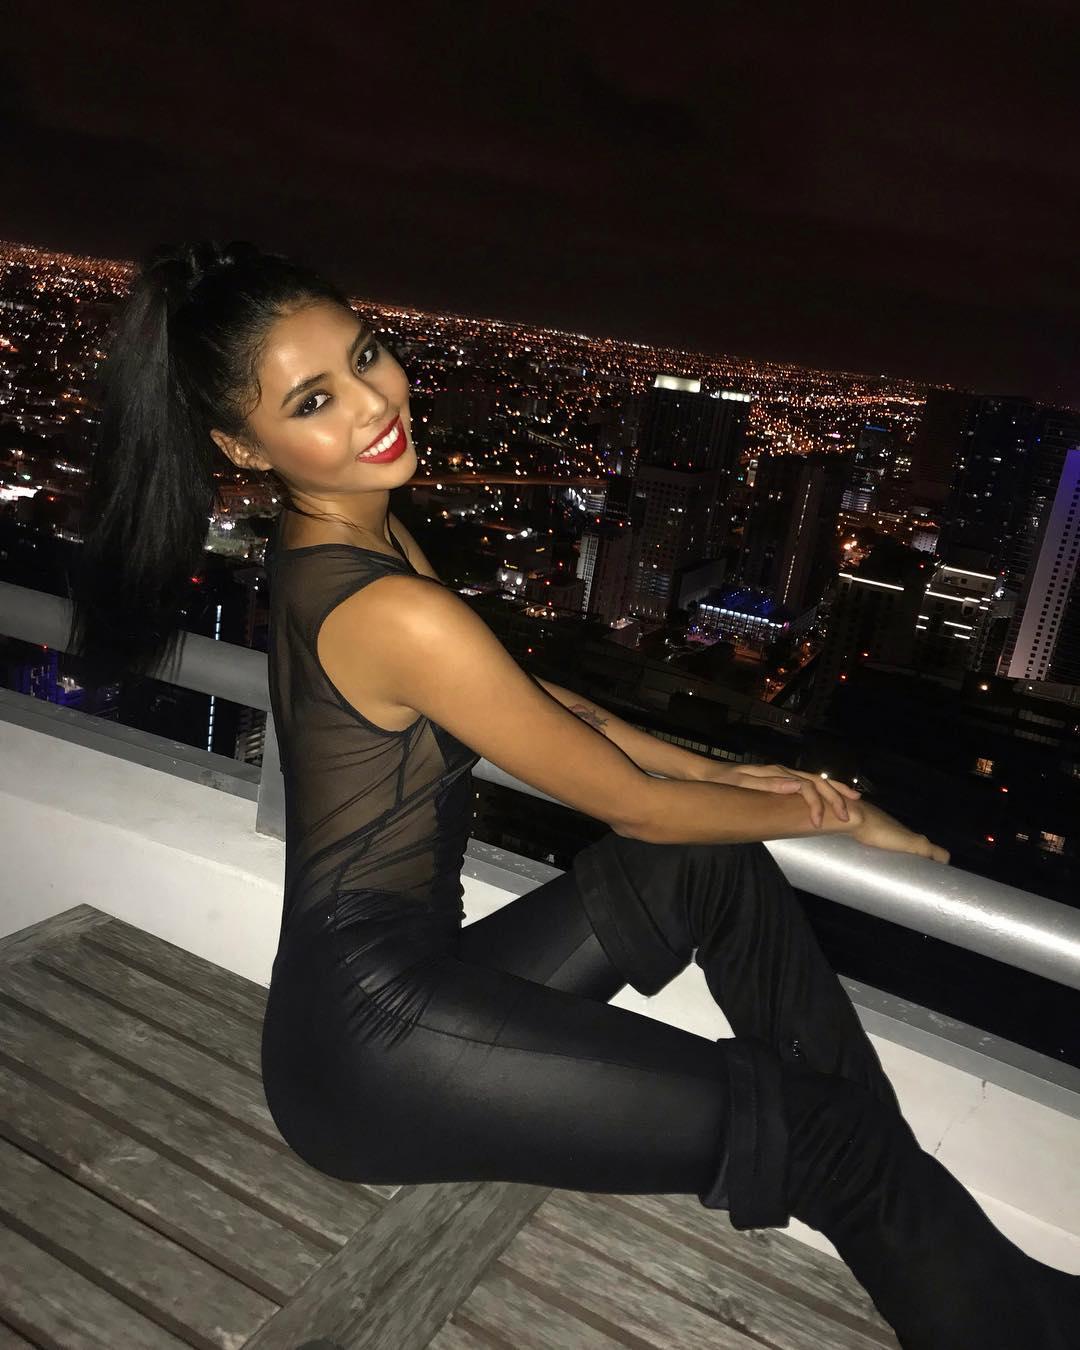 Nicole-Esparza-Wallpapers-Insta-Fit-Bio-8